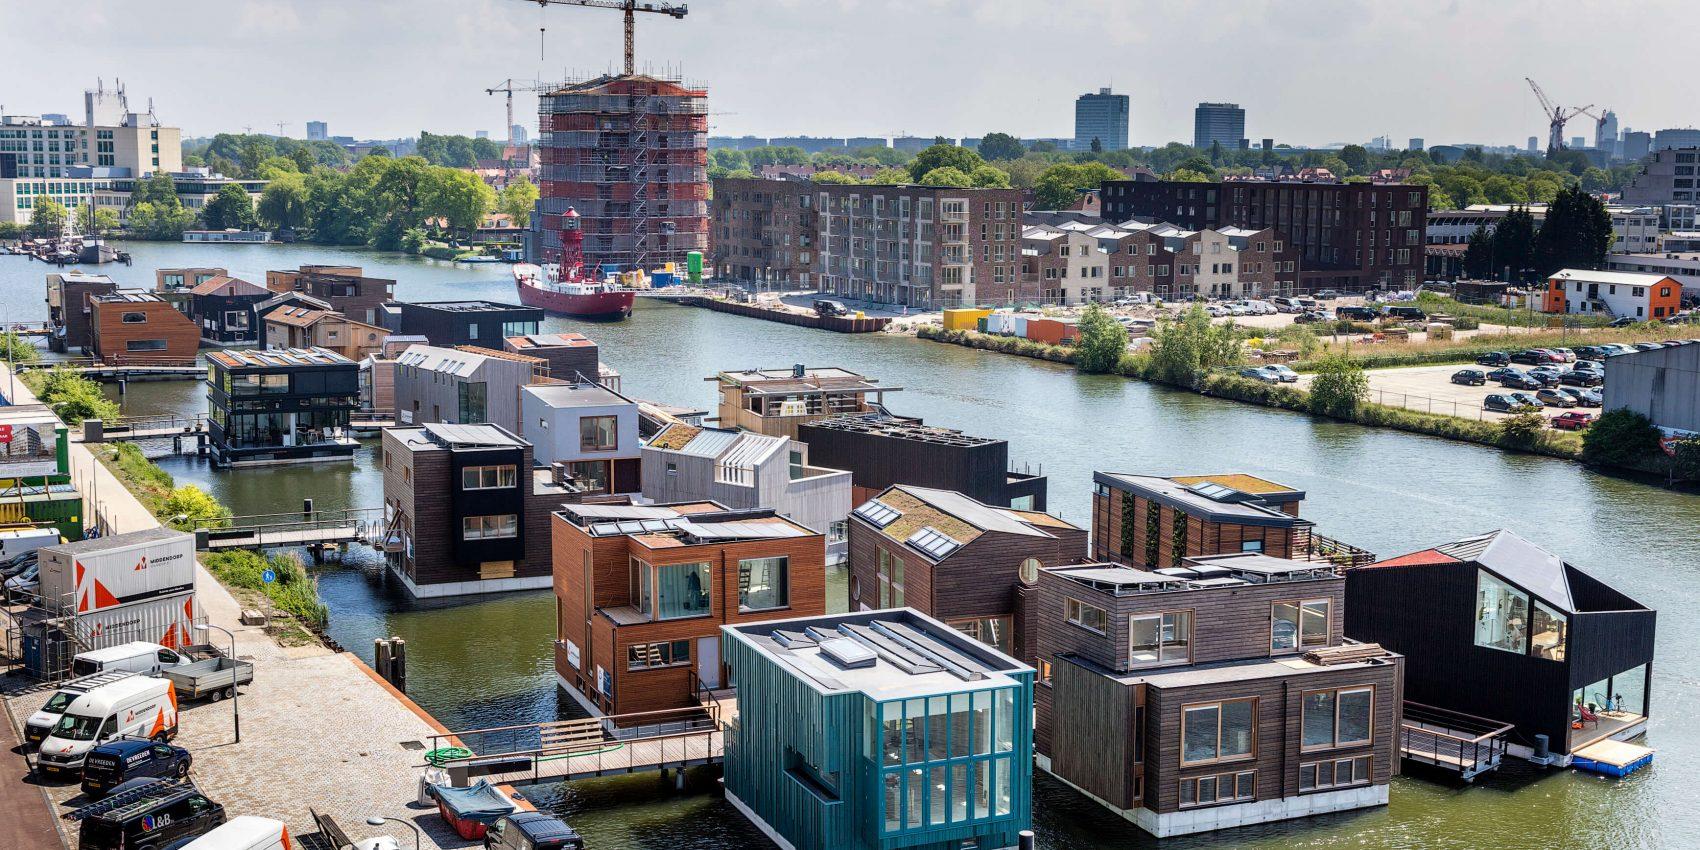 Schoonship v Amsterdamu